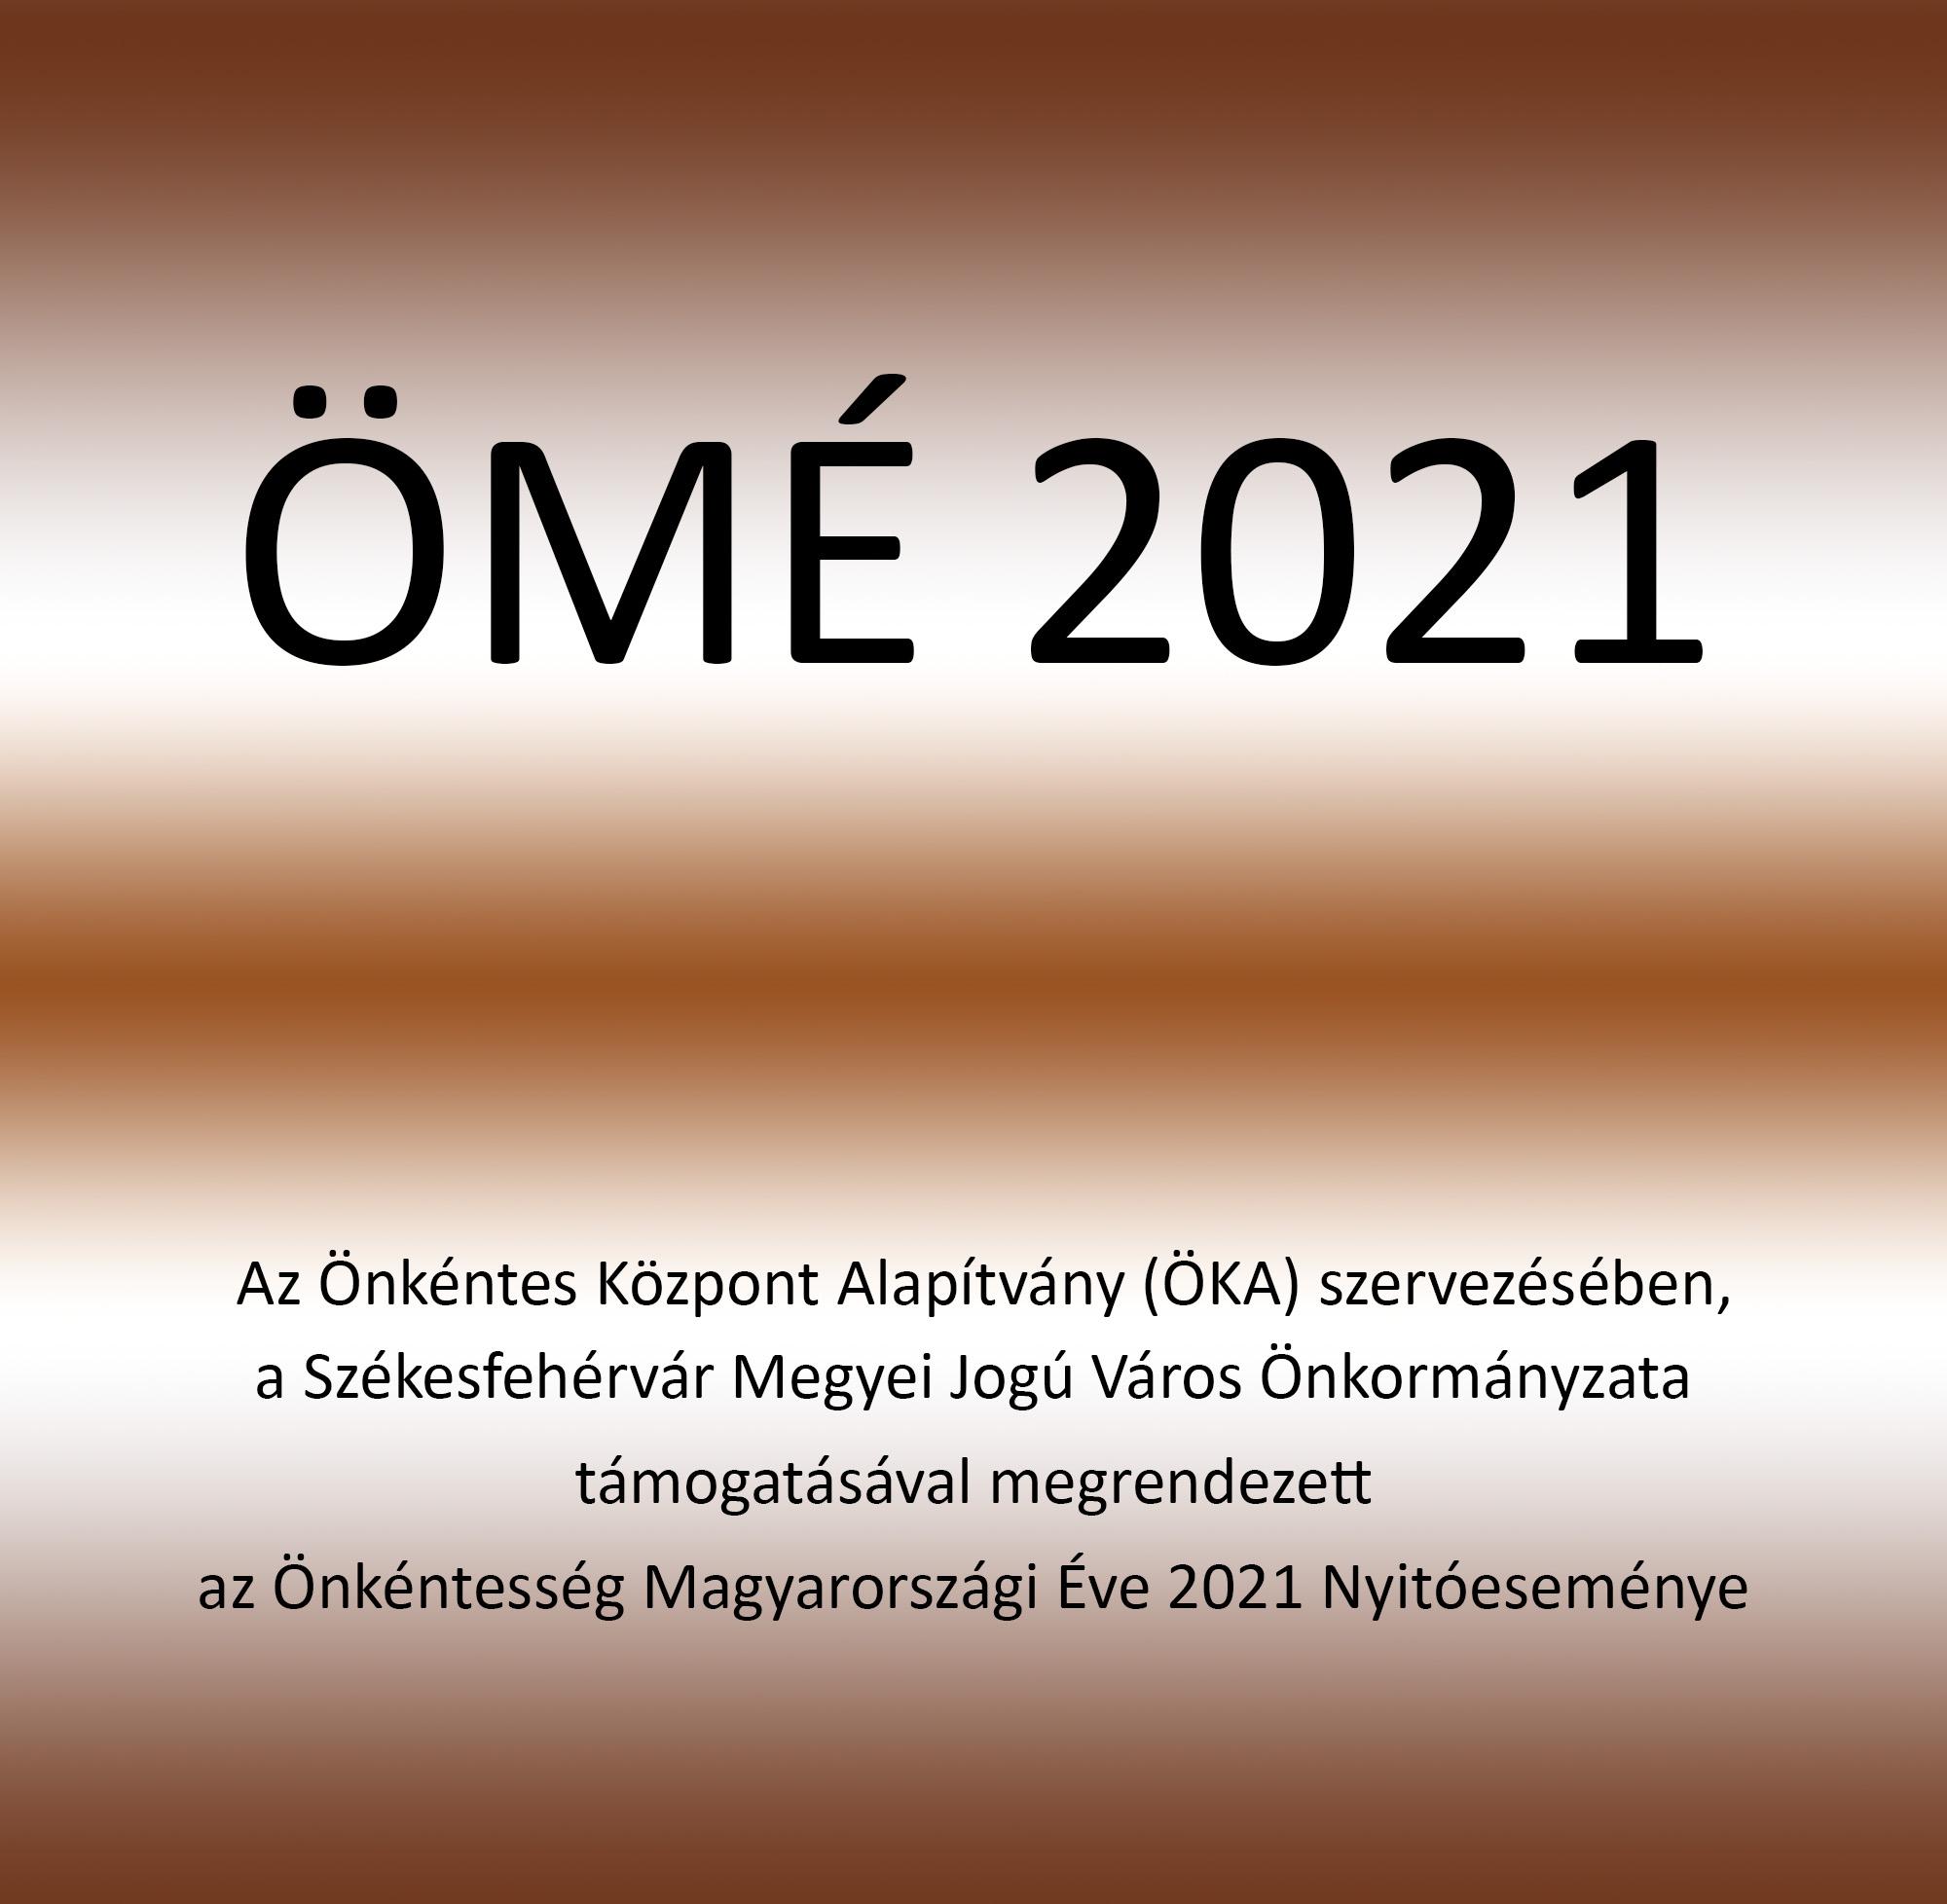 A képen színátmenetes háttér előtt fekete betűkkel az online konferencia címe olvasható.